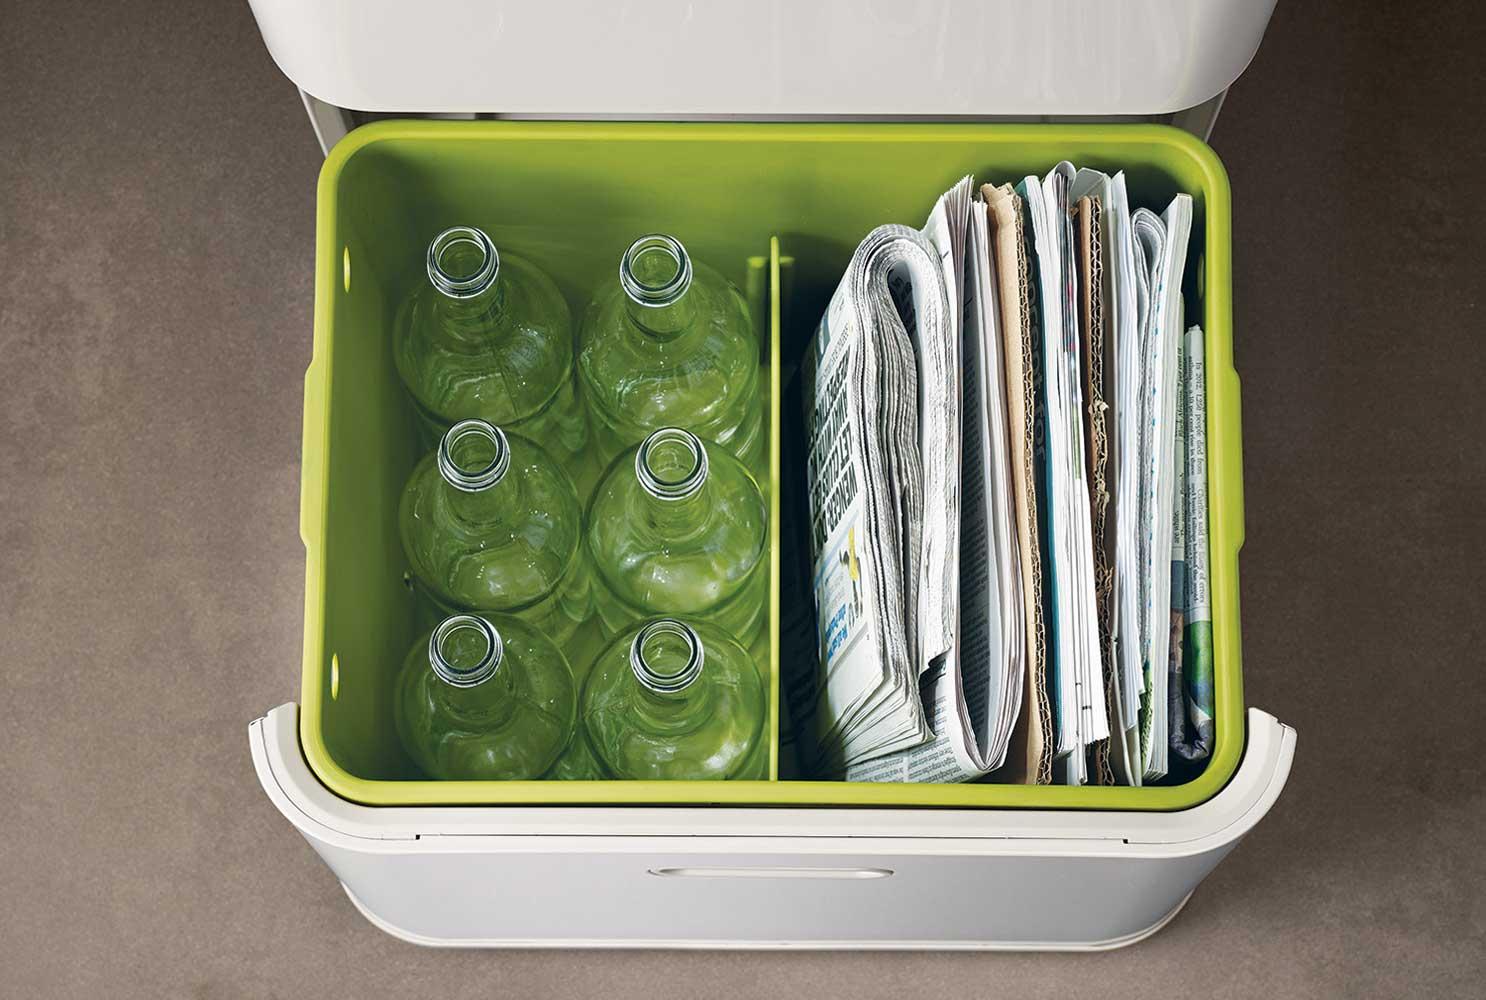 10 необычных контейнеров для сортировки мусора дома